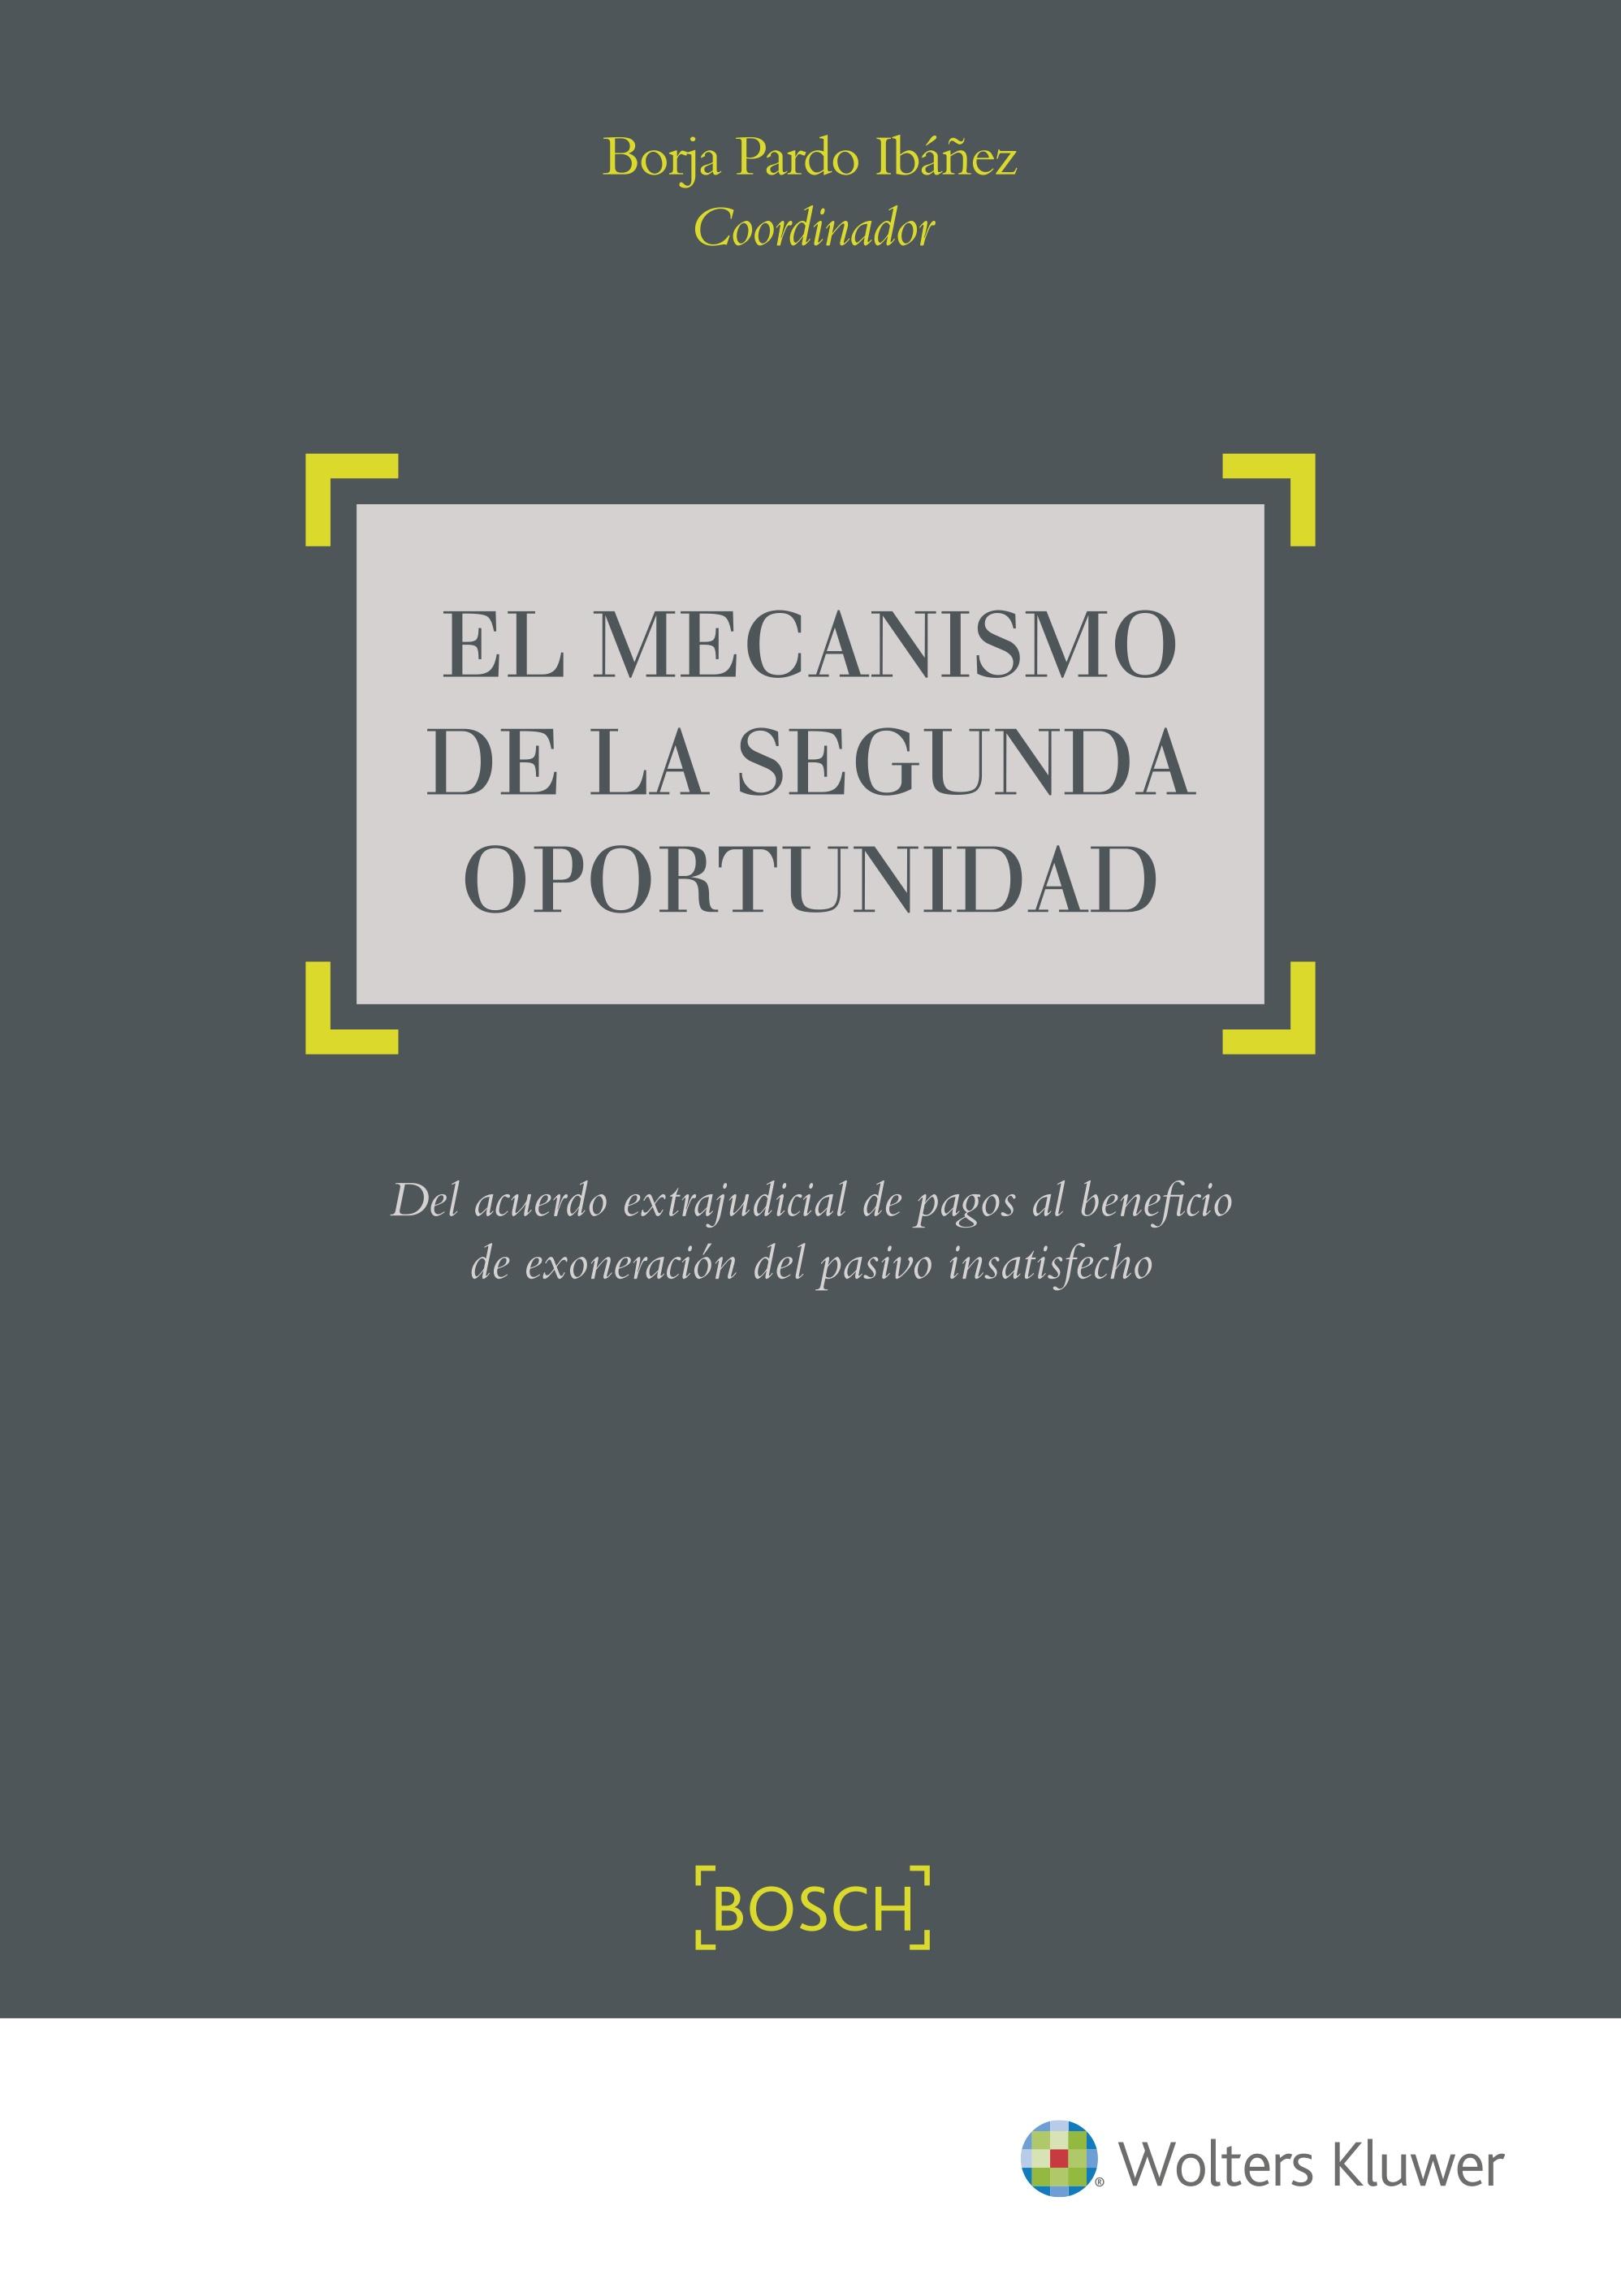 EL MECANISMO DE LA SEGUNDA OPORTUNIDAD, 1ª EDICIÓN